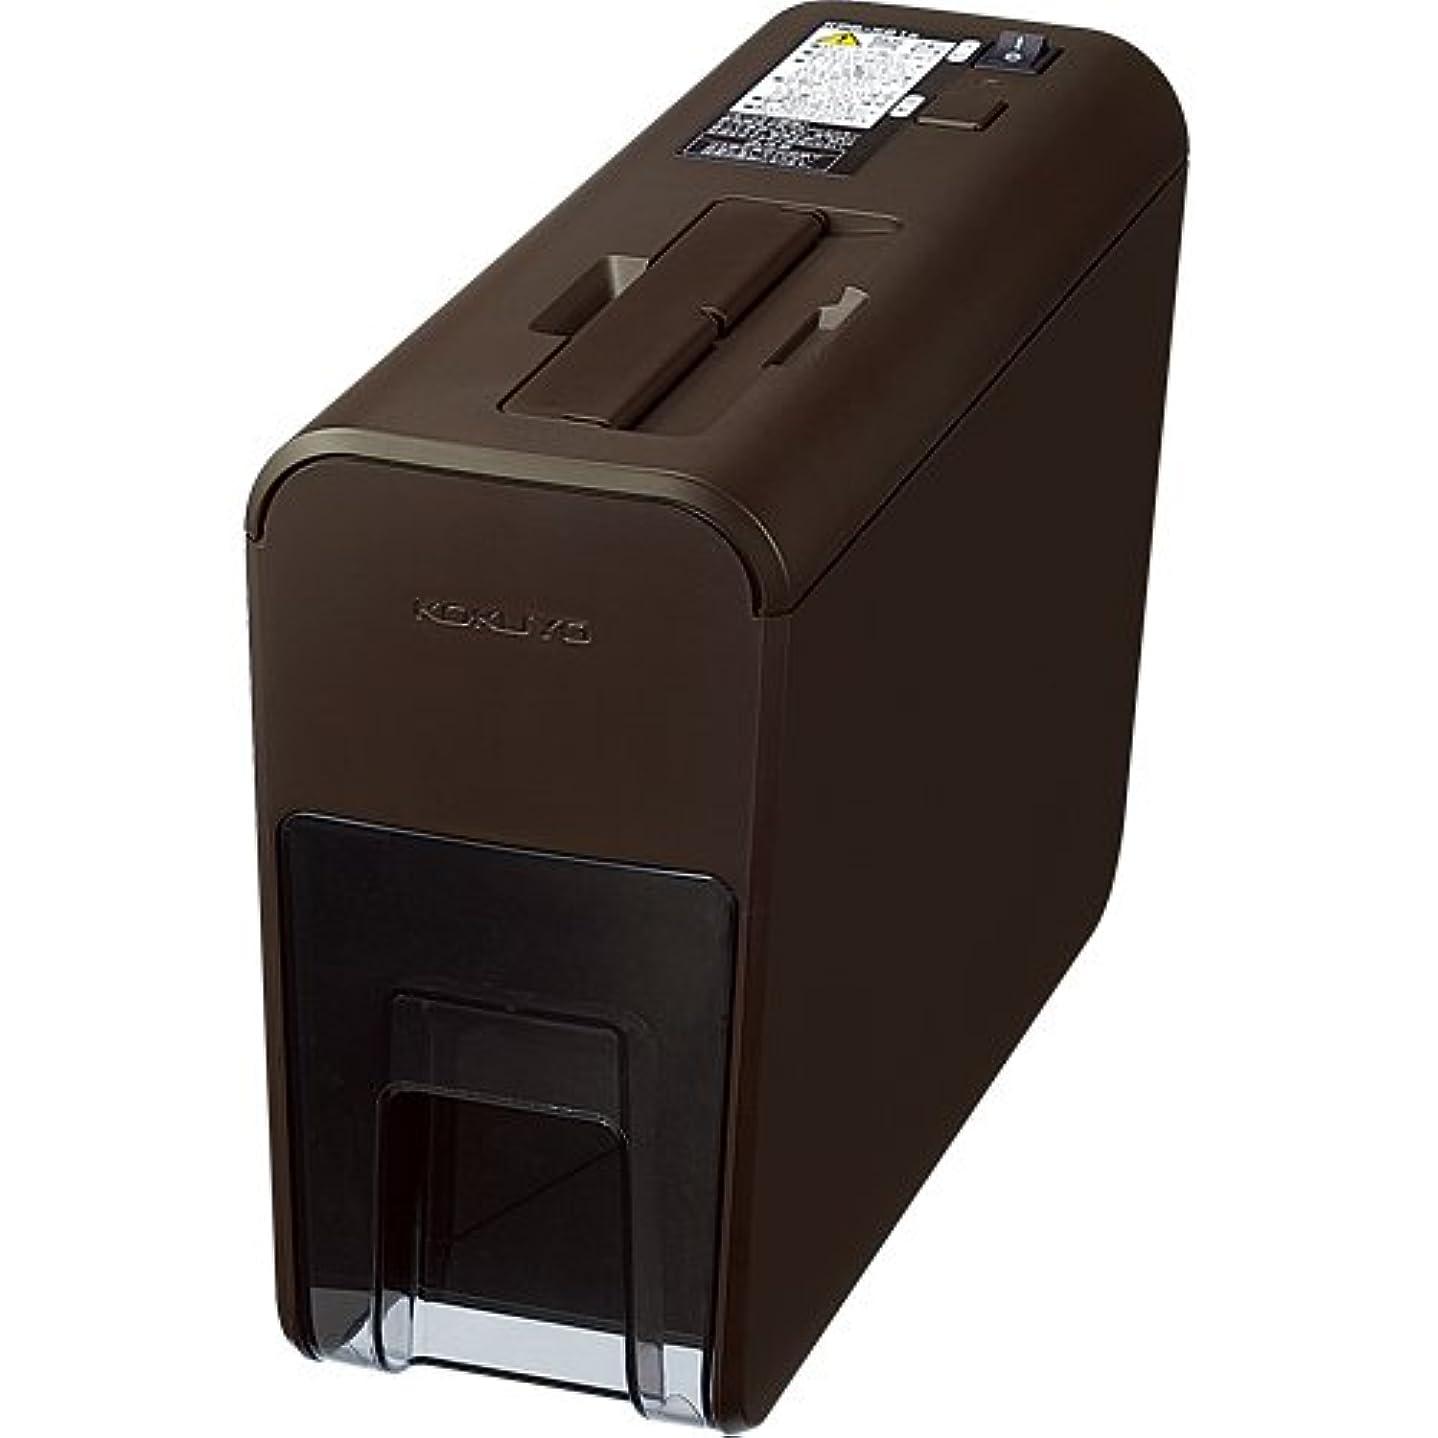 グローブ箱登録するコクヨ シュレッダー デスクトップ RELISH pix ブラウン KPS-X21S